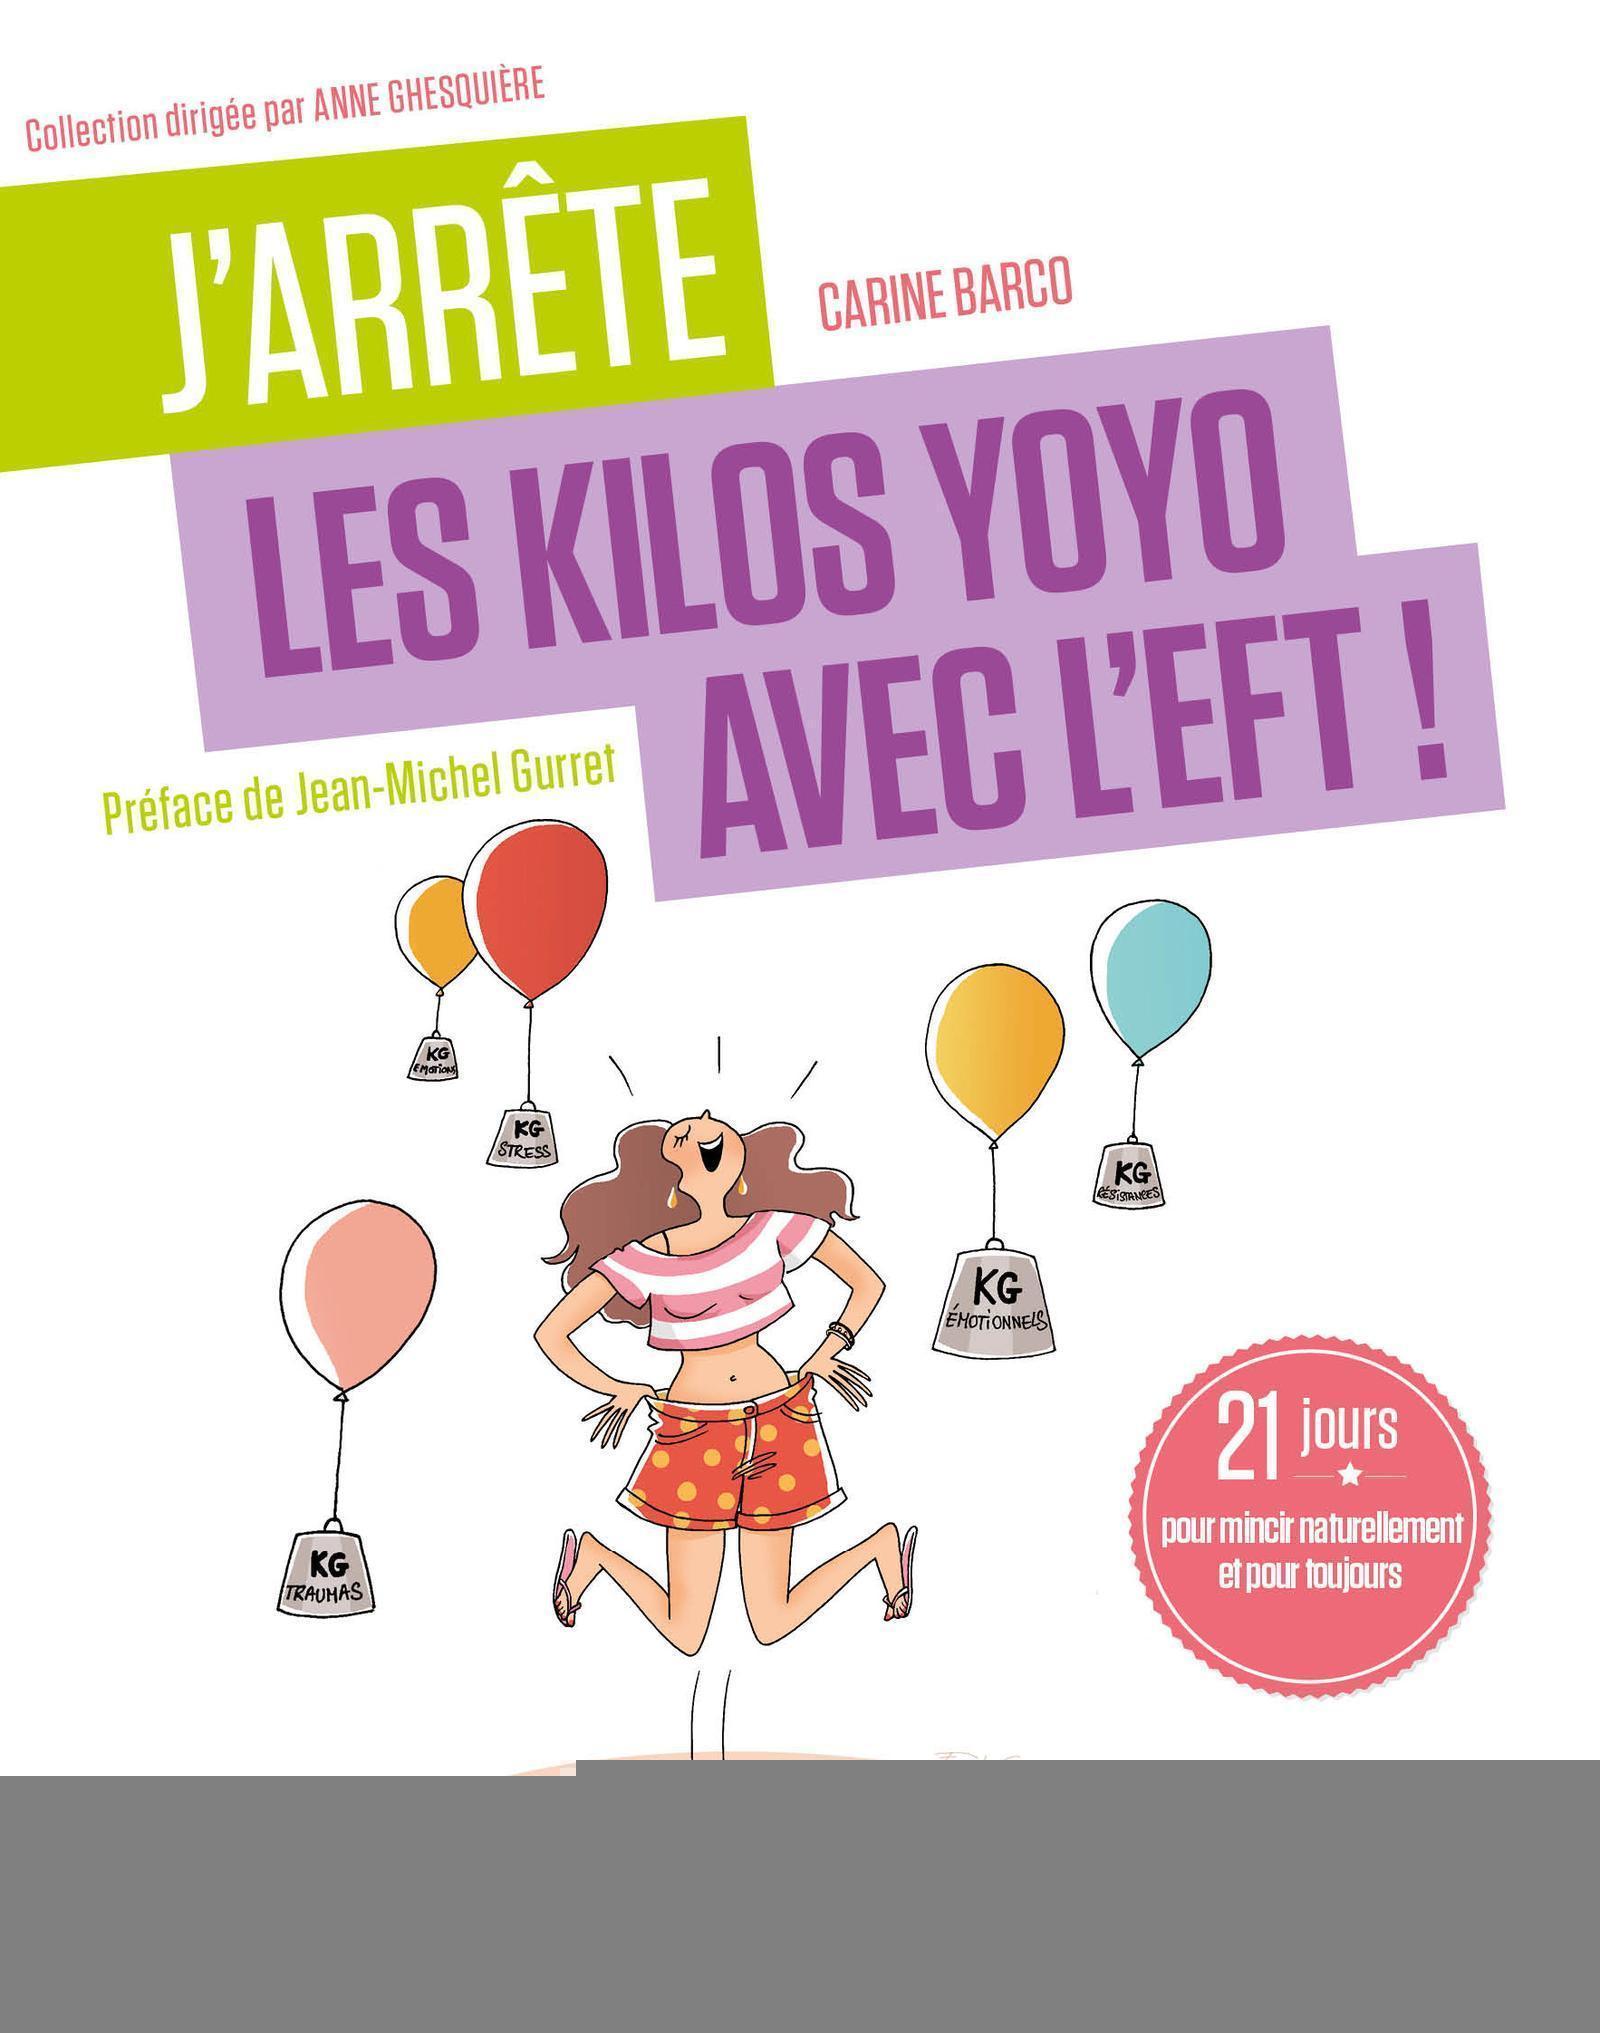 J'ARRETE LES KILOS YOYO AVEC L'EFT ! - 21 JOURS POUR MINCIR NATURELLEMENT ET POUR TOUJOURS. PREFACE